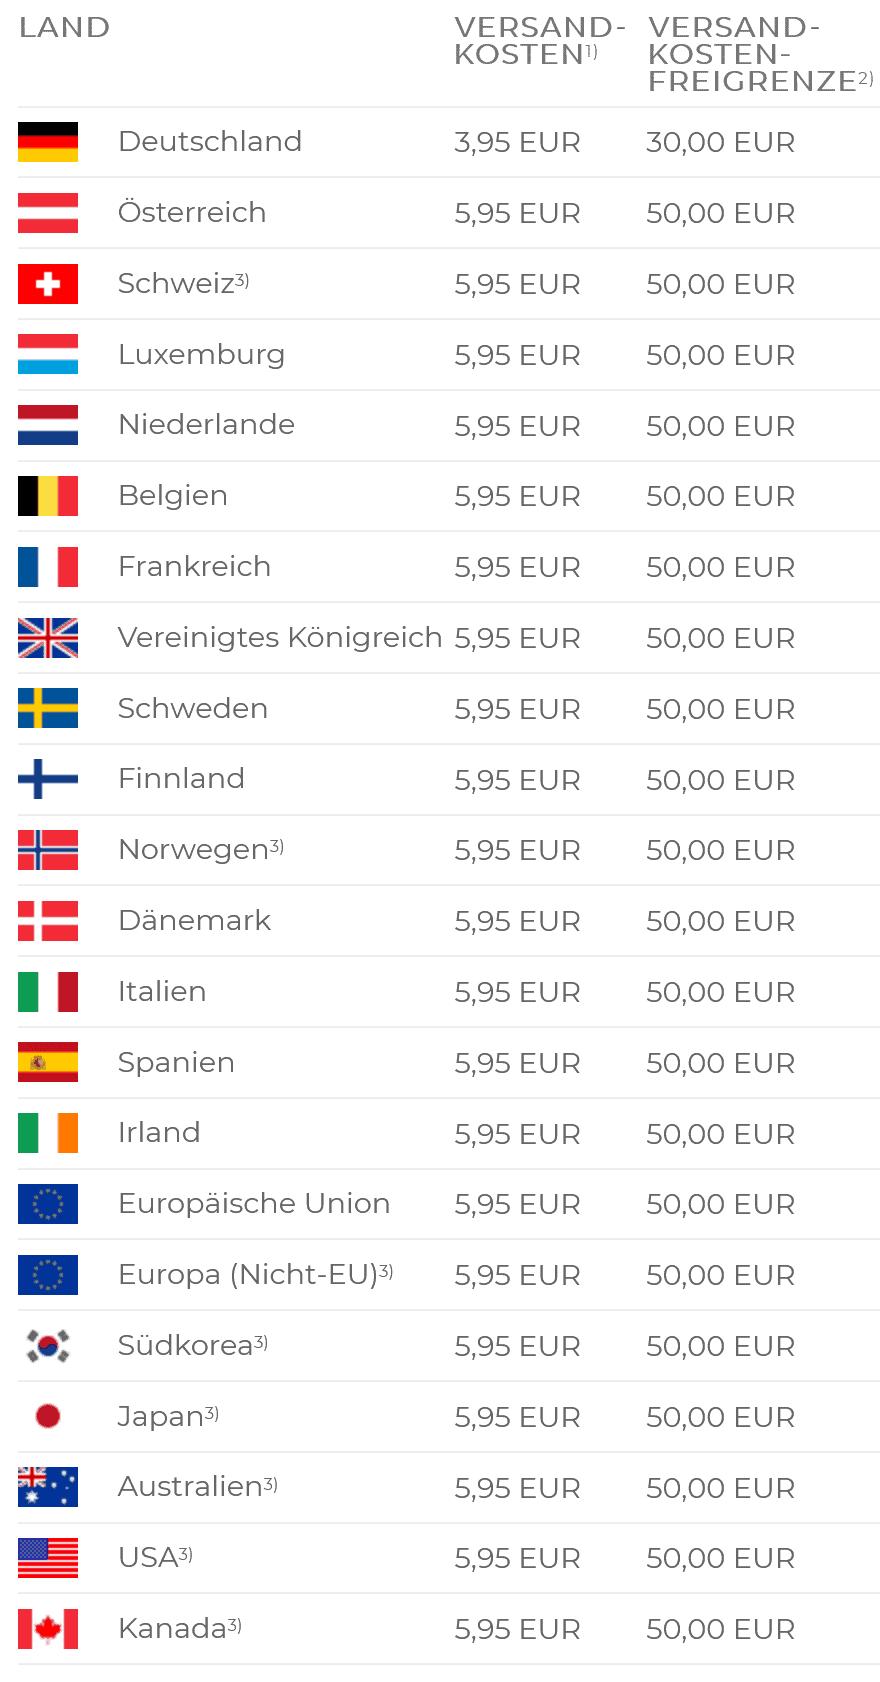 Versandkosten nach Ländern (Mobil-Darstellung)